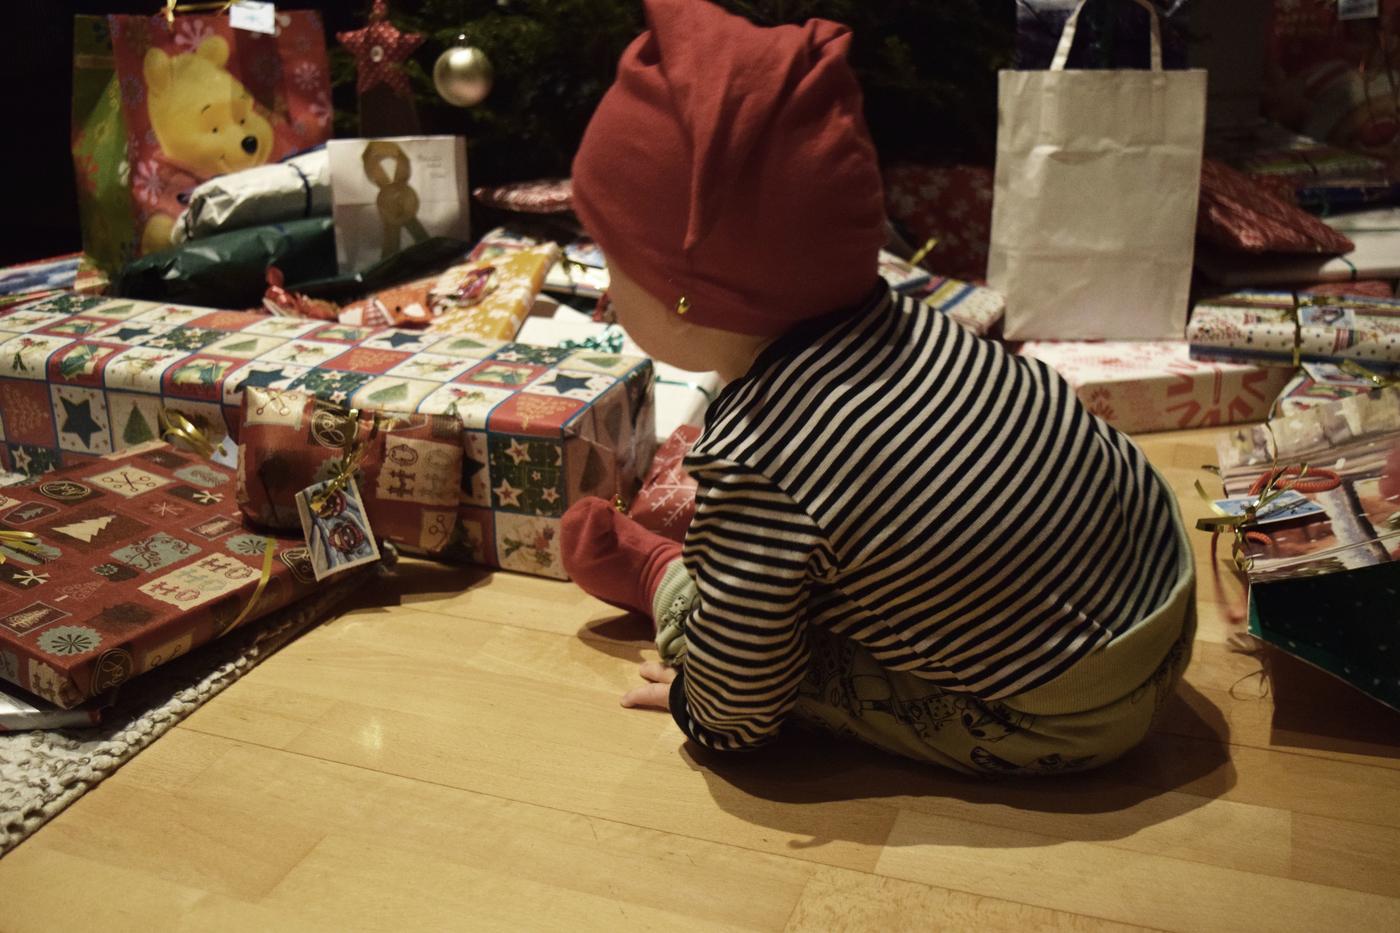 jouluaatto8.jpg